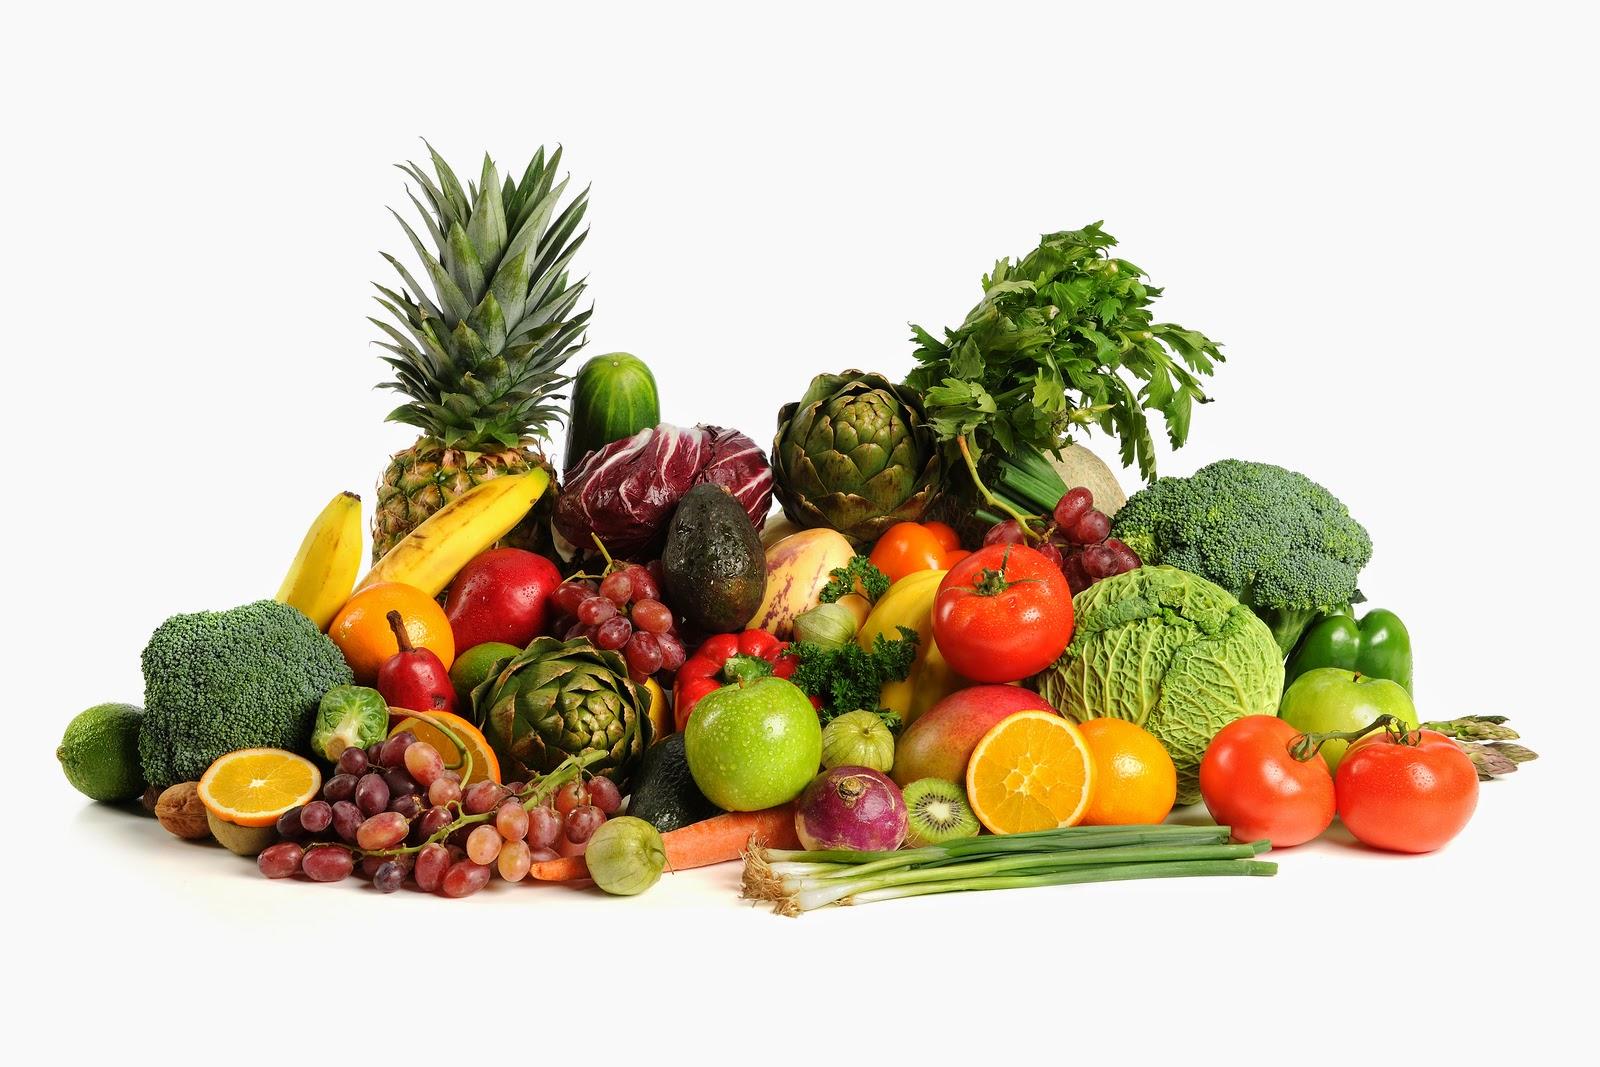 فوائد تناول الفواكه والخضروات